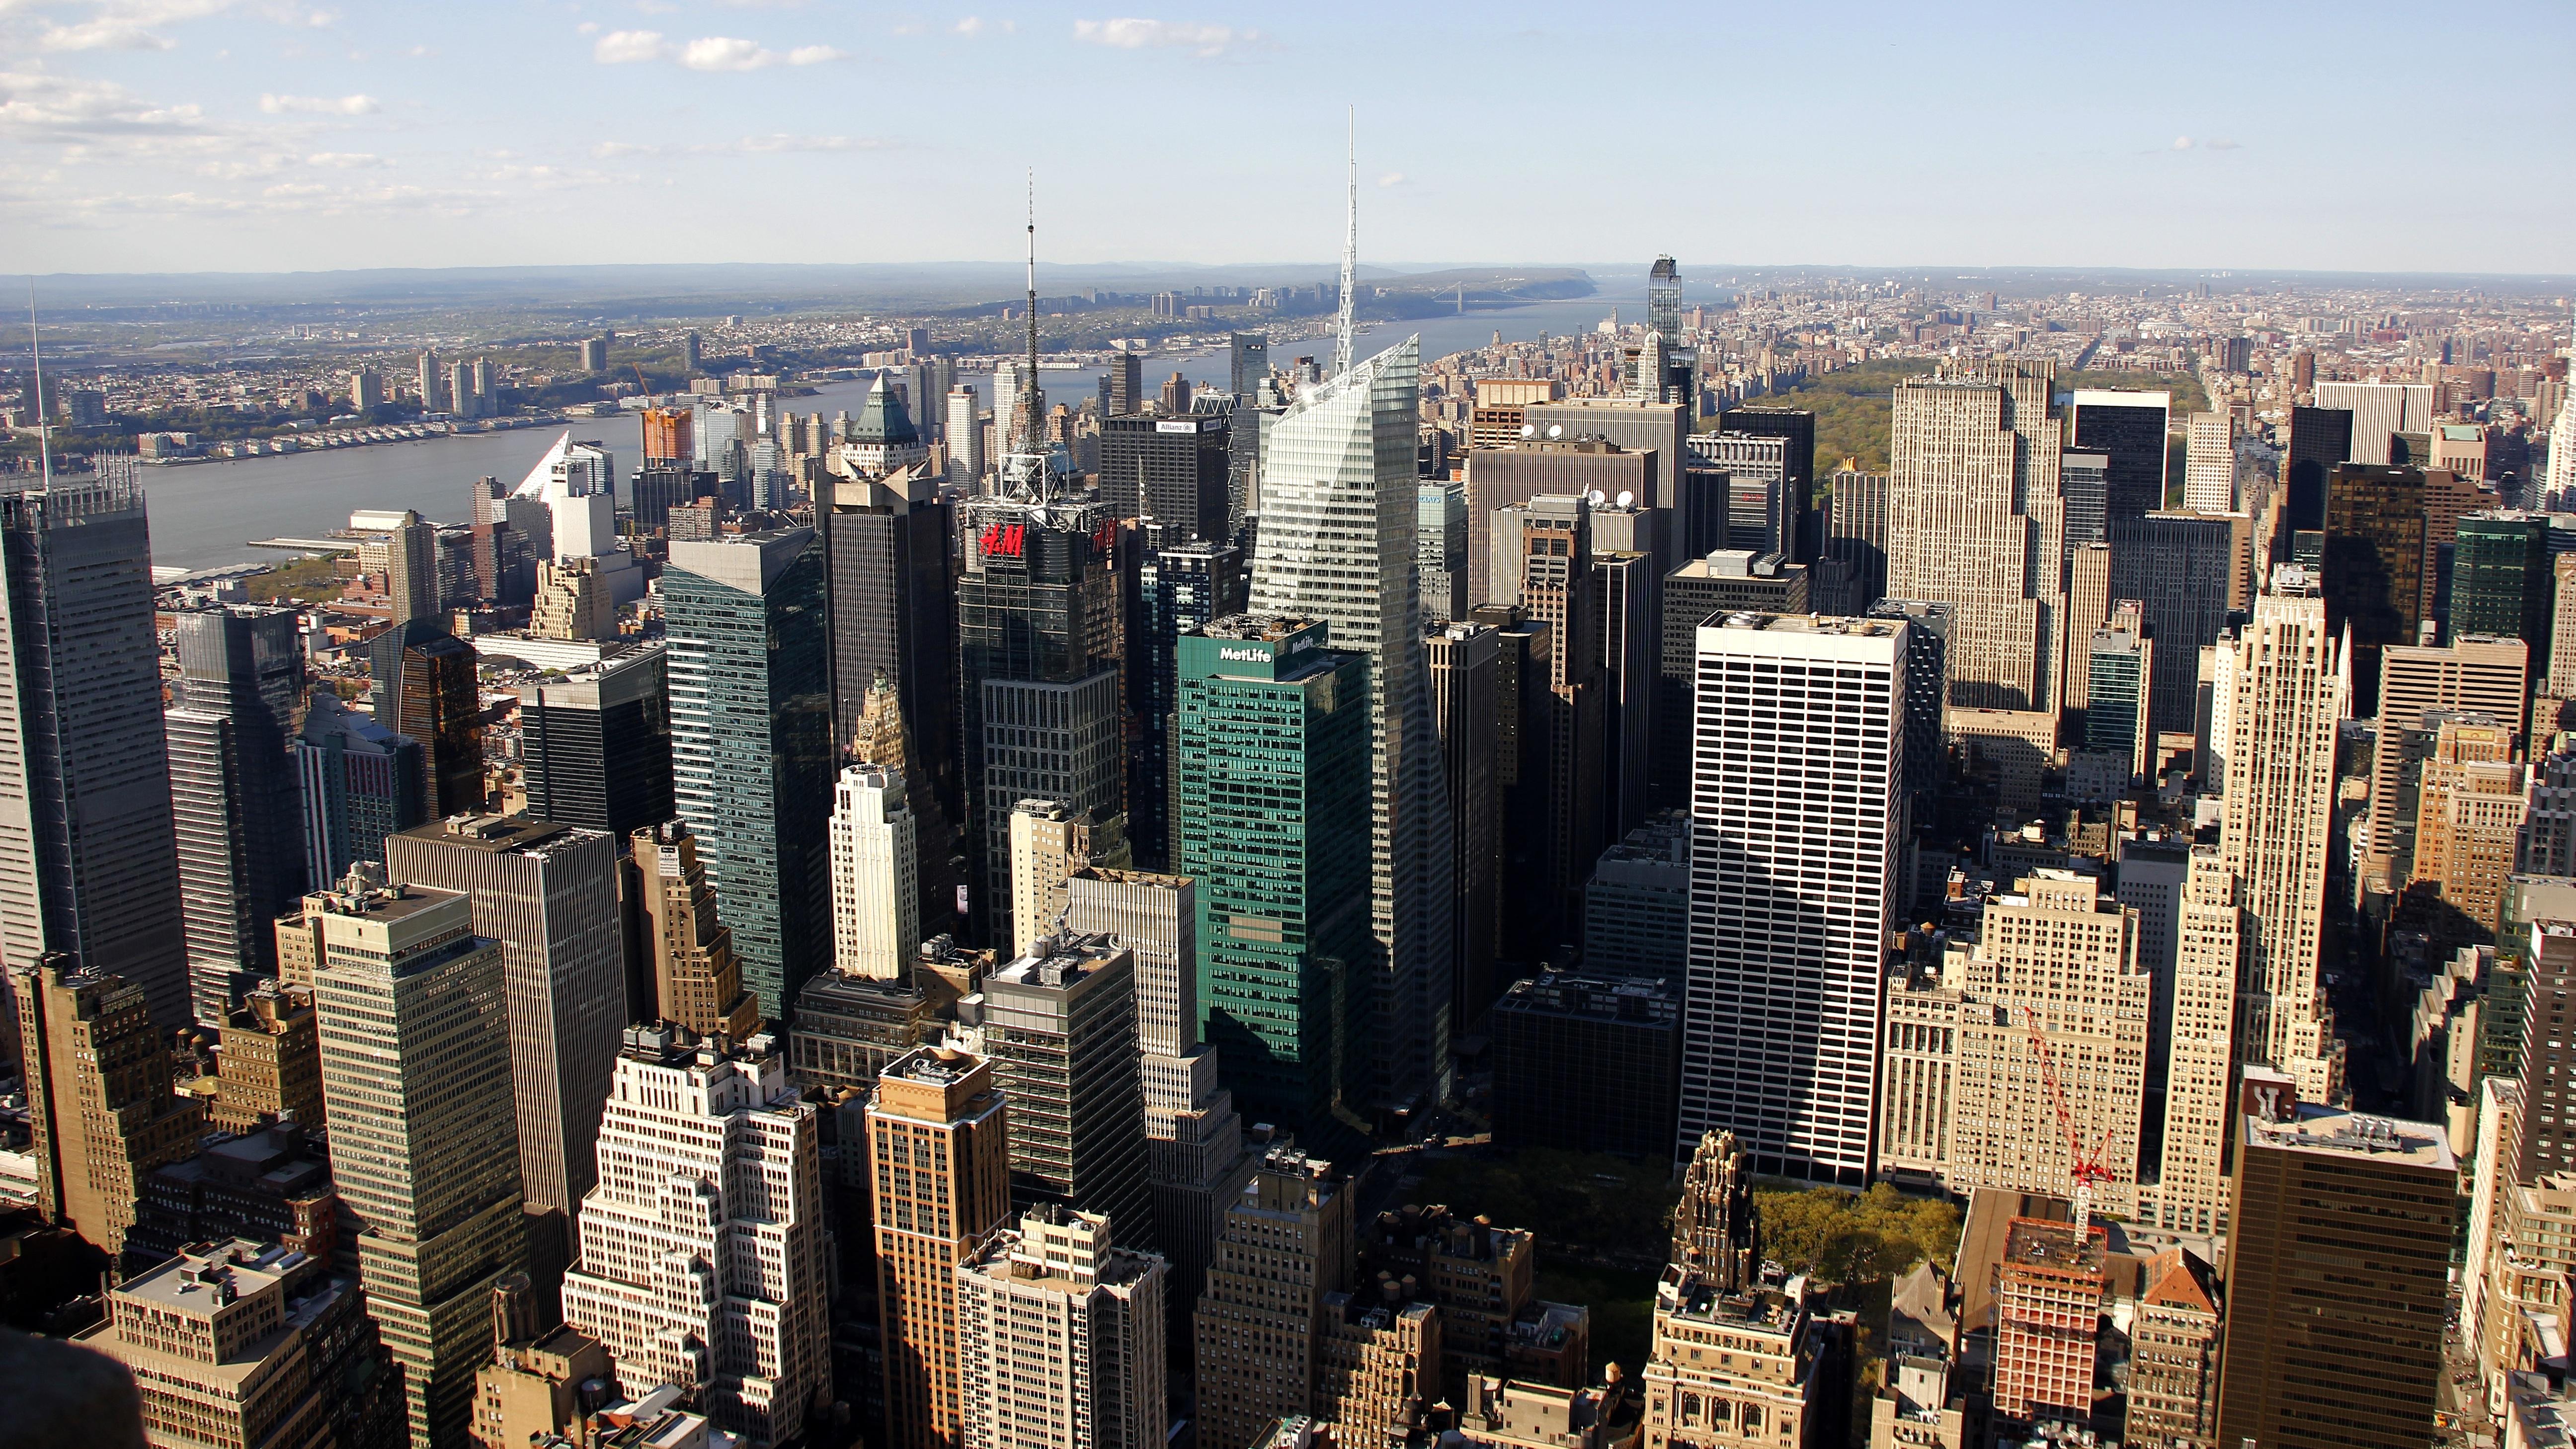 fotos gratis cielo horizonte rascacielos nueva york manhattan paisaje urbano centro de la ciudad torre estados unidos america